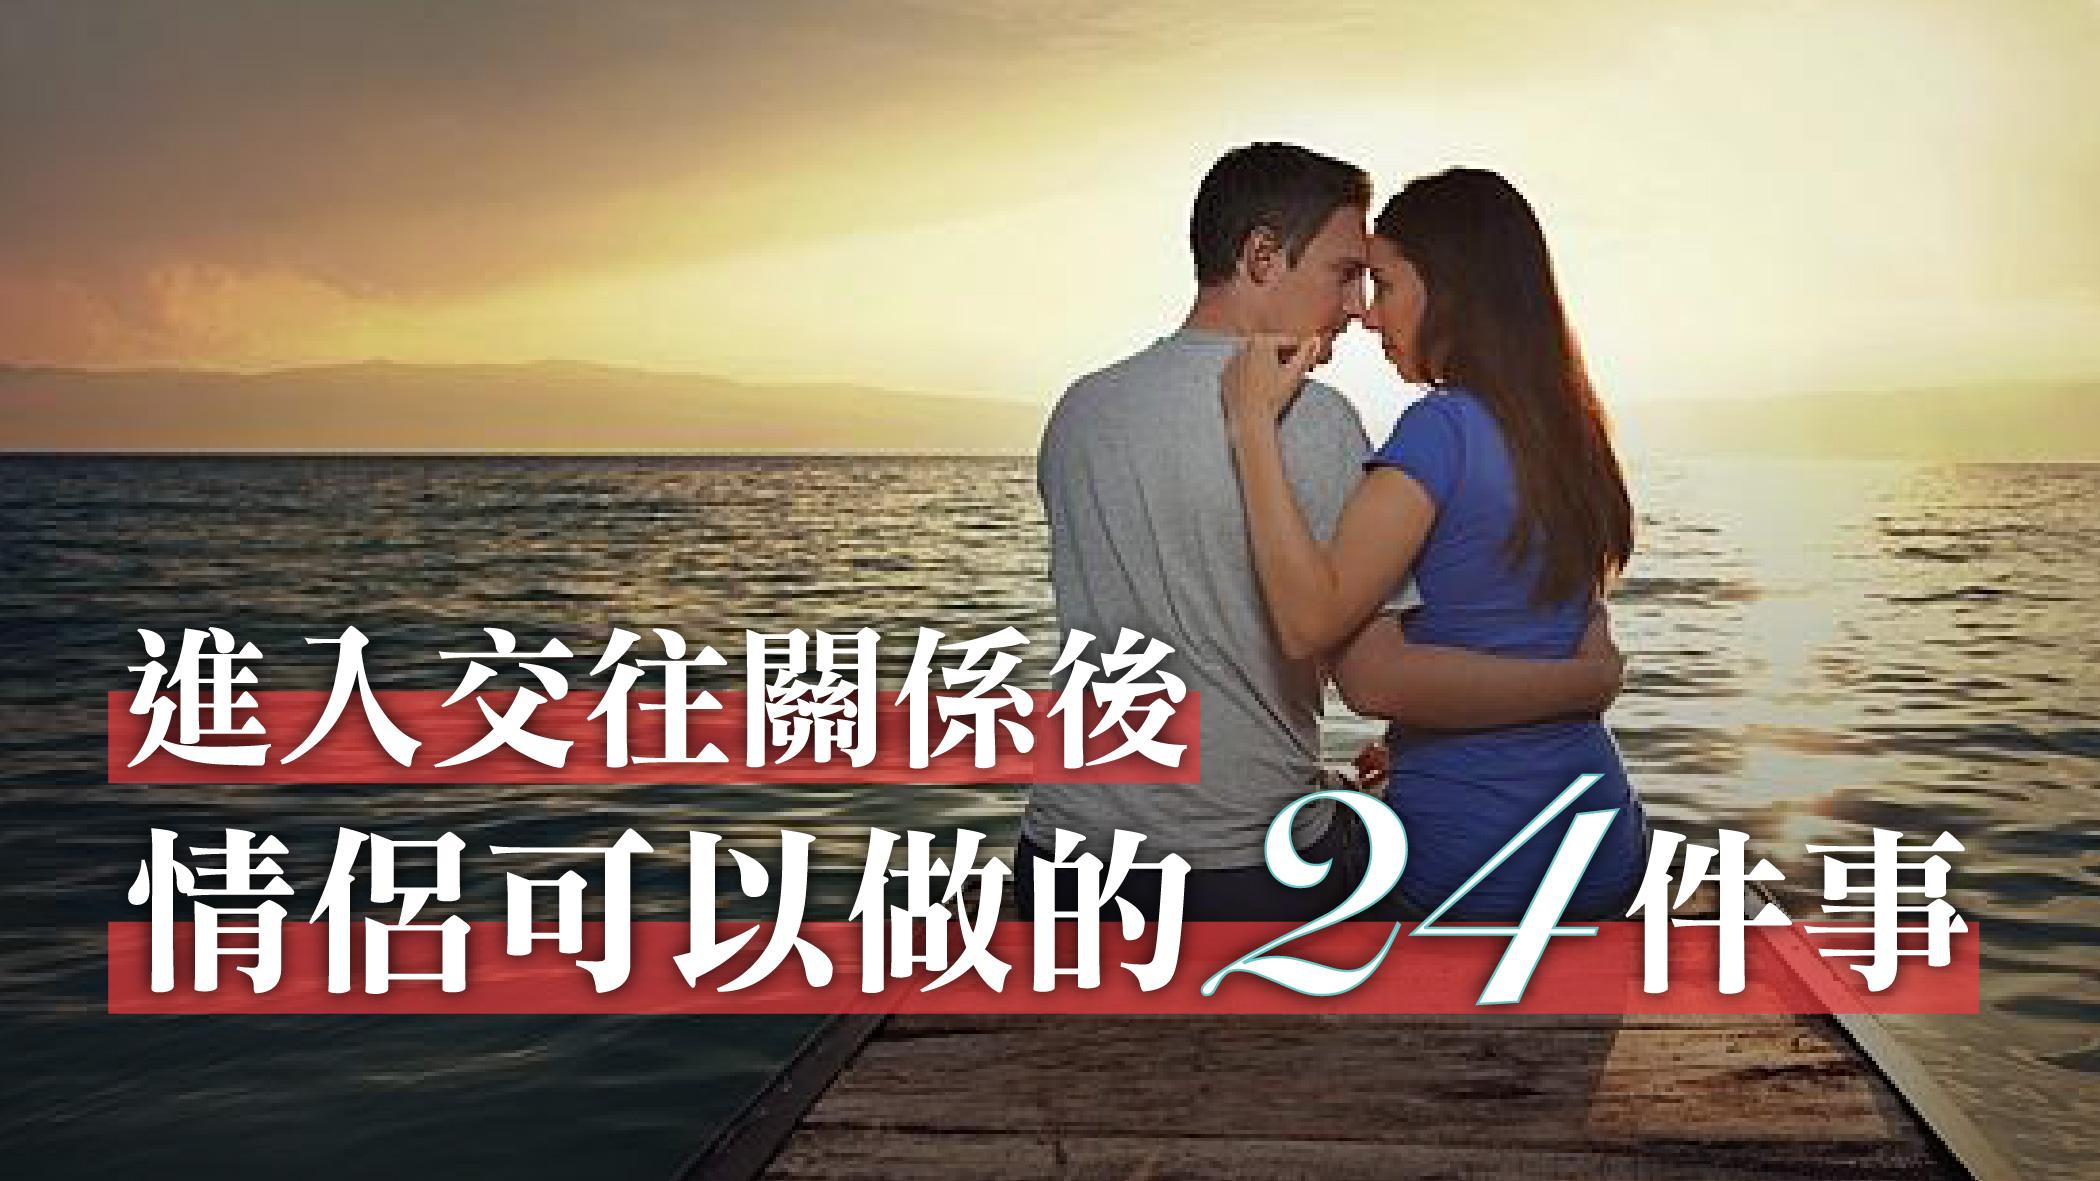 867.進入交往關係後,情侶可以做的24件事!